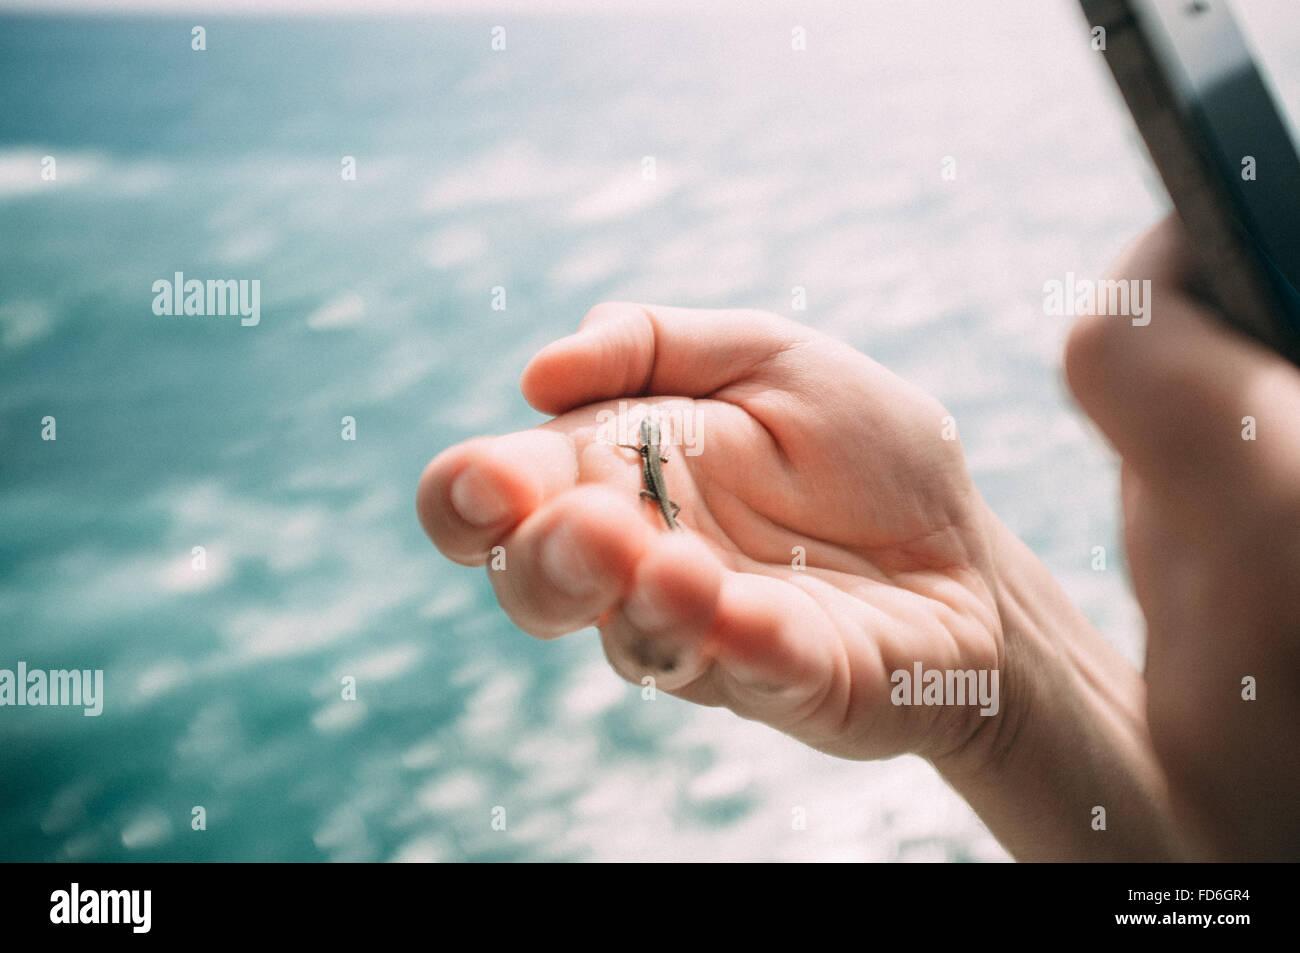 Insekt auf menschliche Hand Stockbild